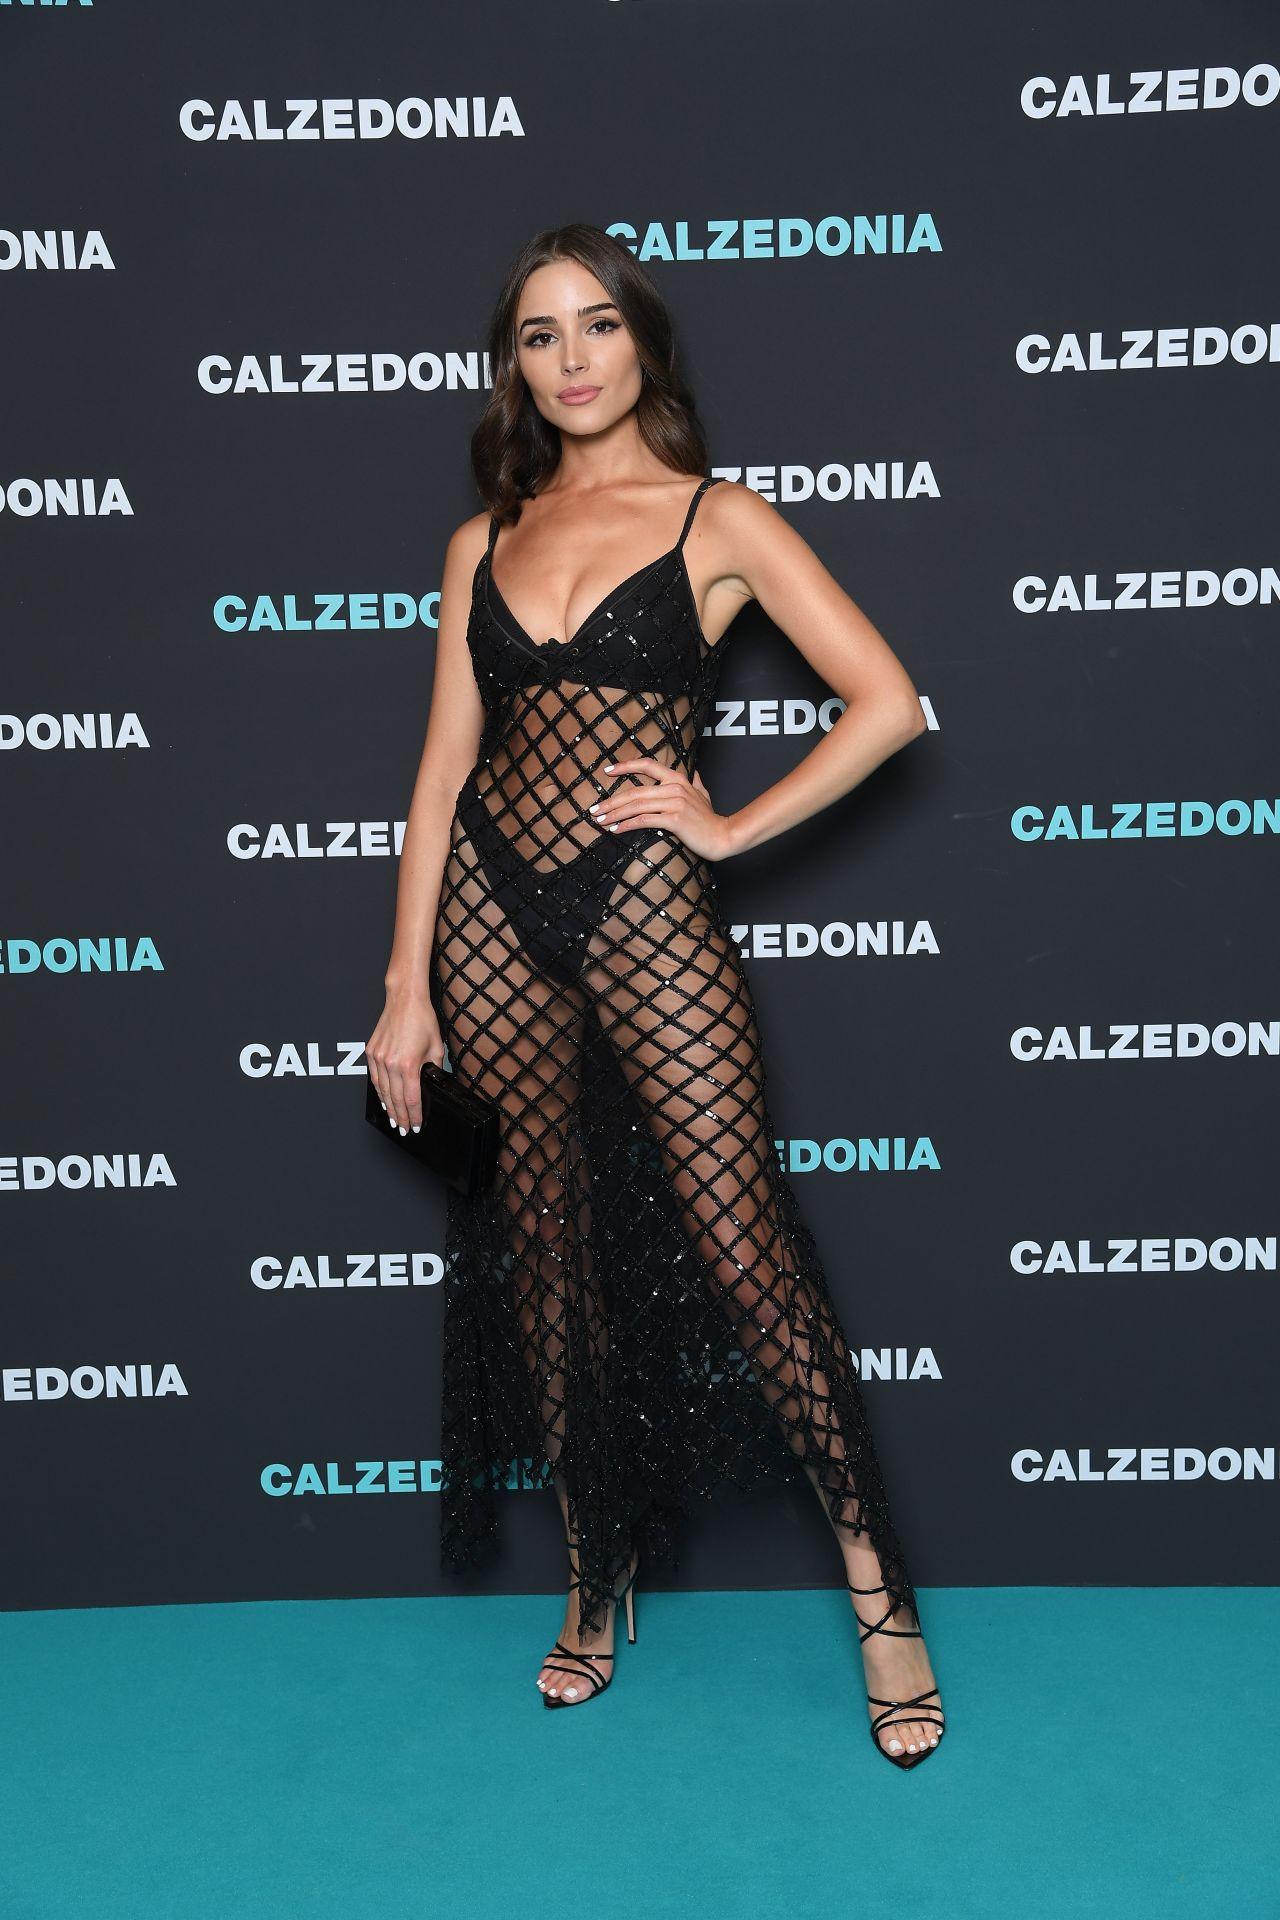 Olivia Culpo Calzedonia Summer Show In Verona Italy 04